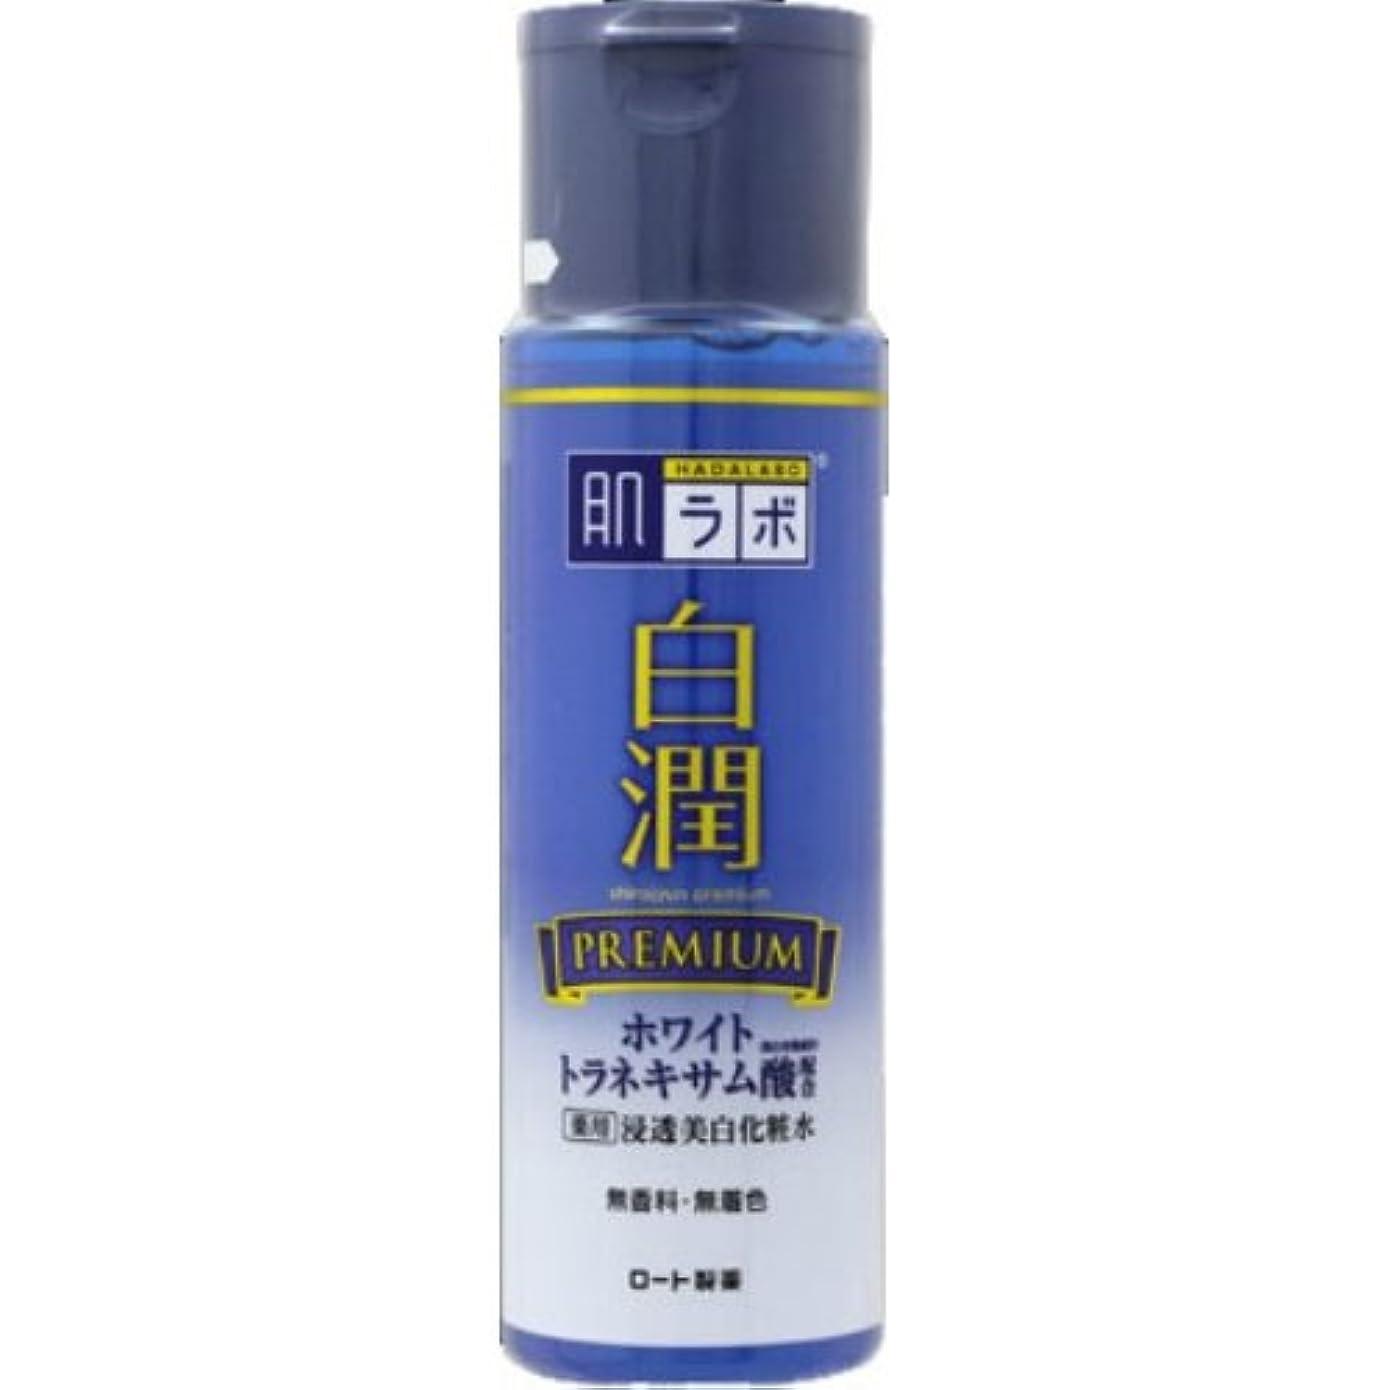 バレルモンスター姪肌ラボ 白潤プレミアム 薬用浸透美白化粧水 170mL × 10個セット